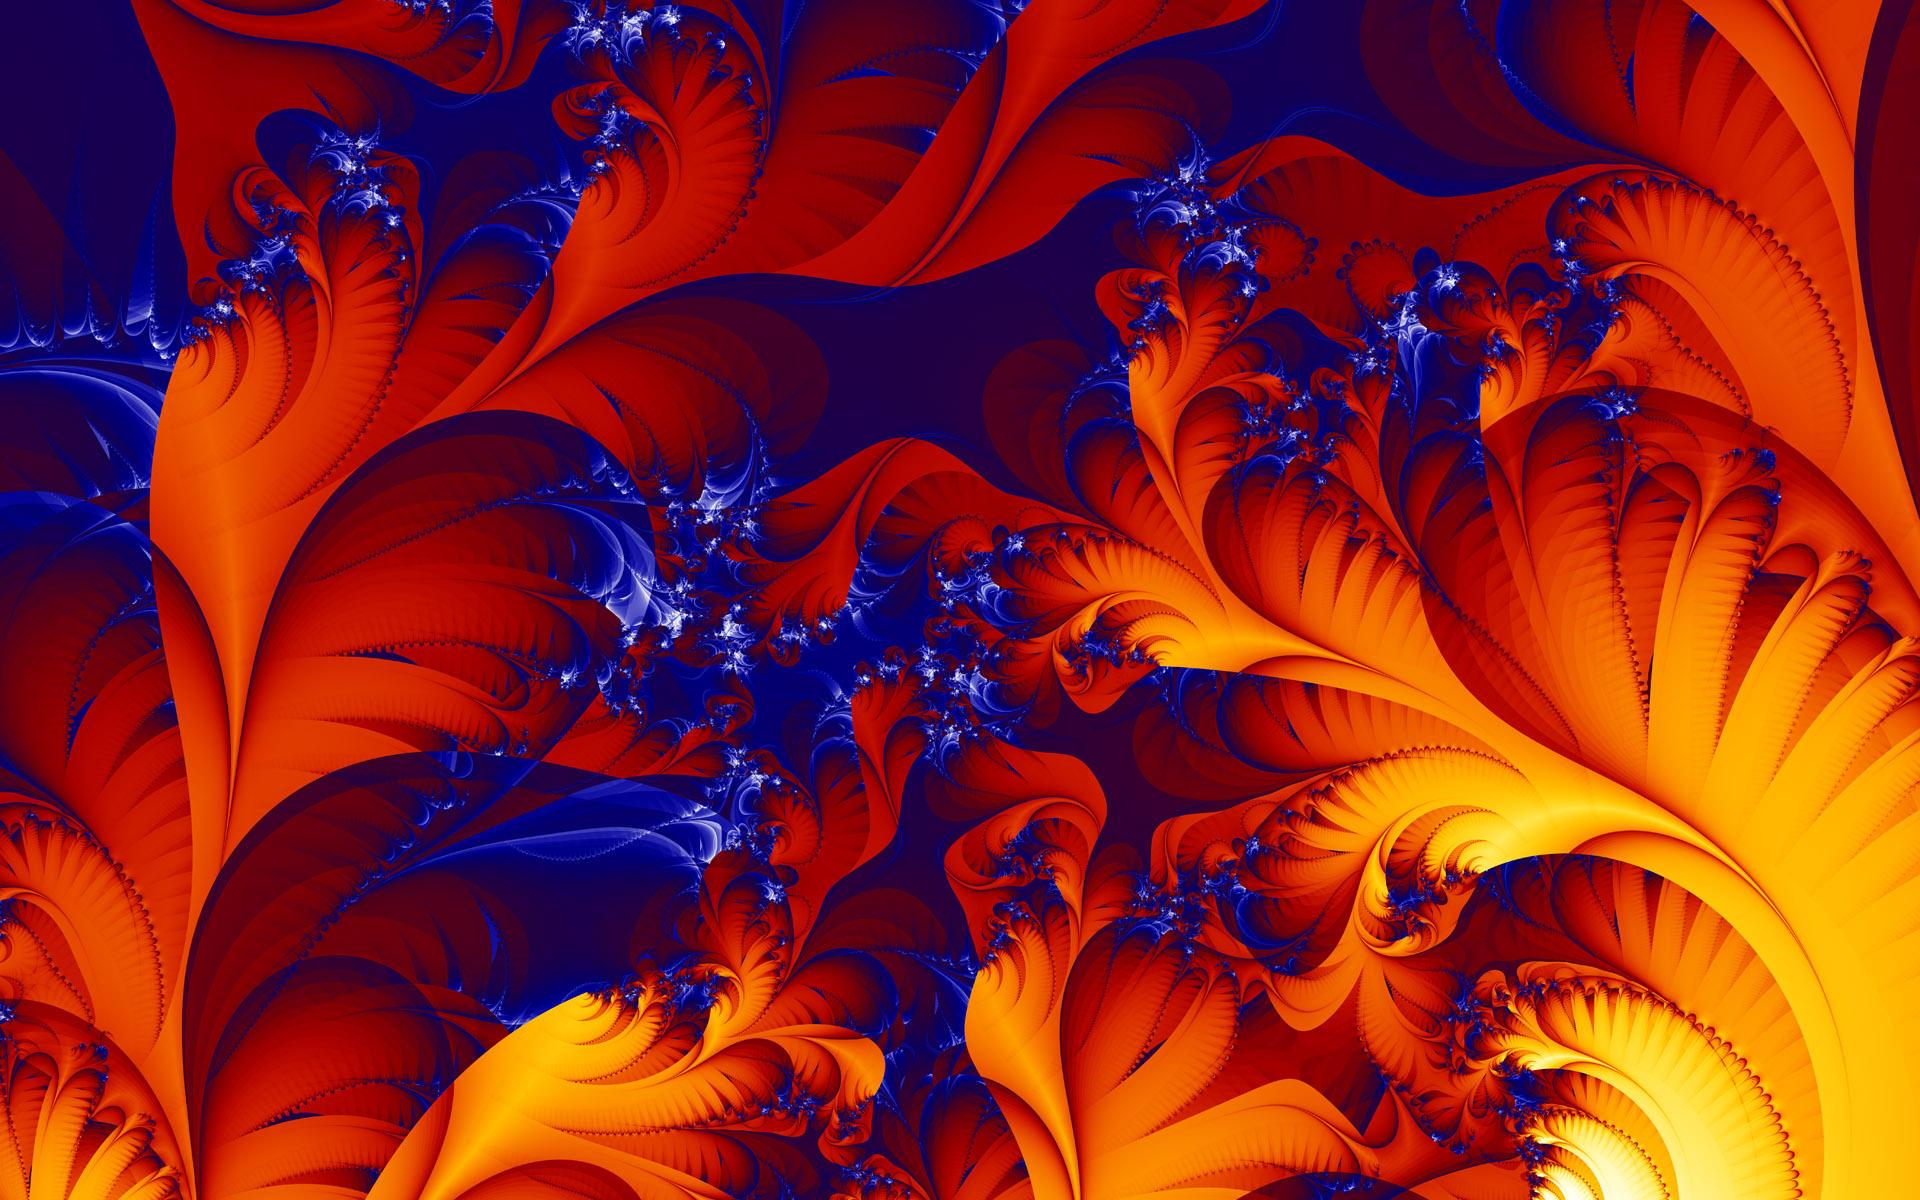 widescreen reaxion background deviantart -#main